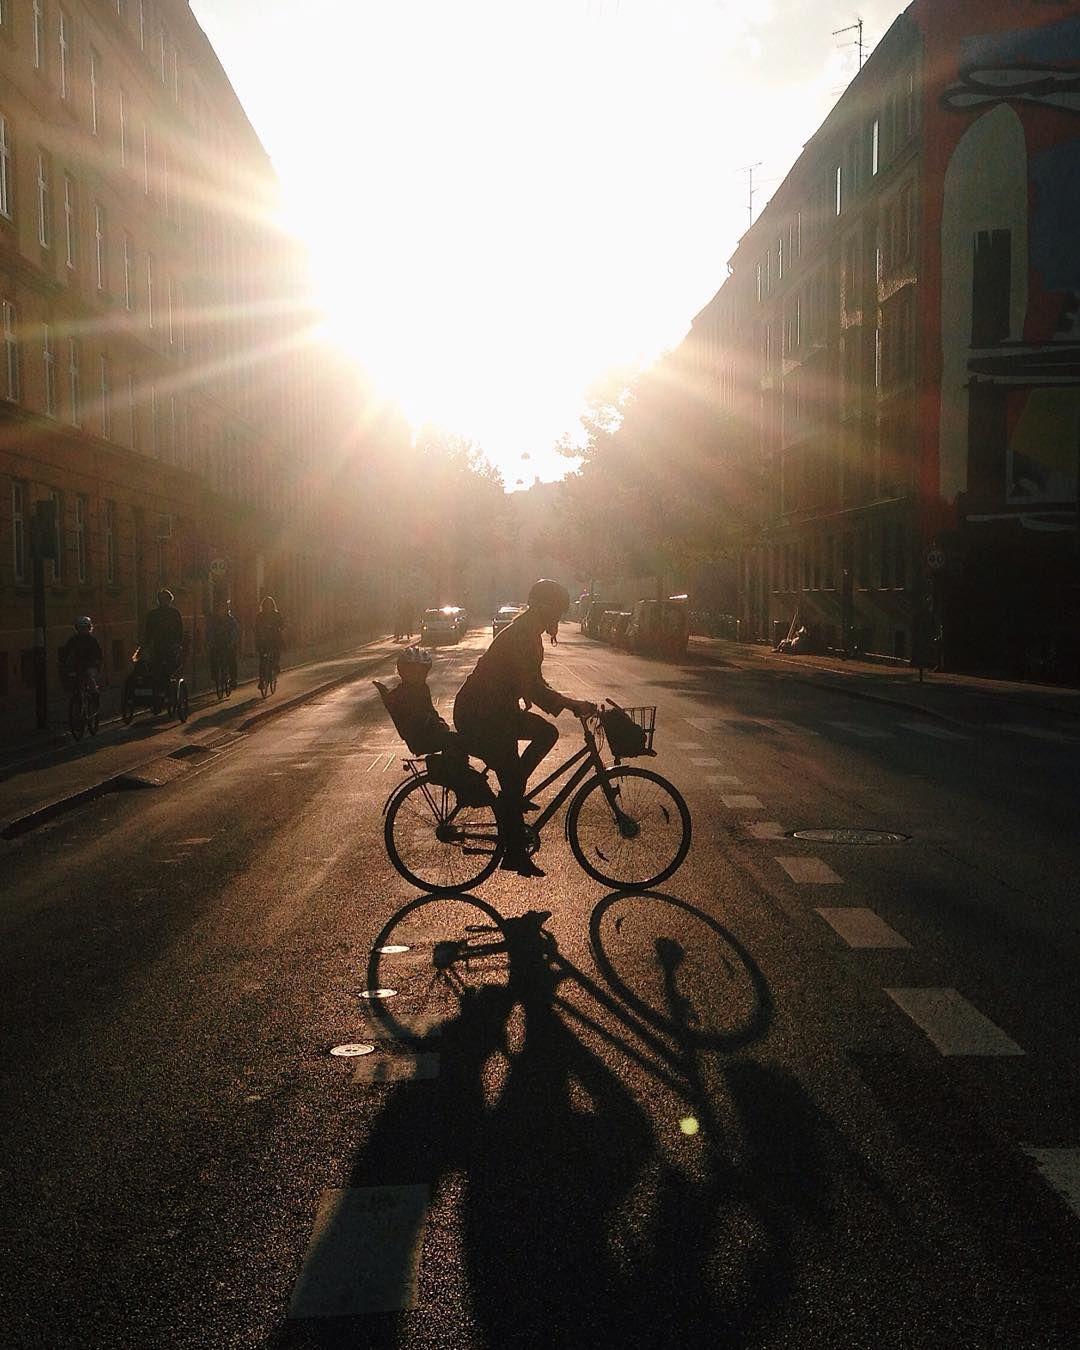 Godmorgen fra København på denne solskinsrige mandag ☀️ Mit navn er Caroline (@carohoeck) og i denne uge vil jeg dele #mitcykelliv med jer! Jeg glæder mig helt vildt og jeg håber, at I har lyst til at se med  // Caro #tacyklen by tacyklen http://ift.tt/1K0vI58